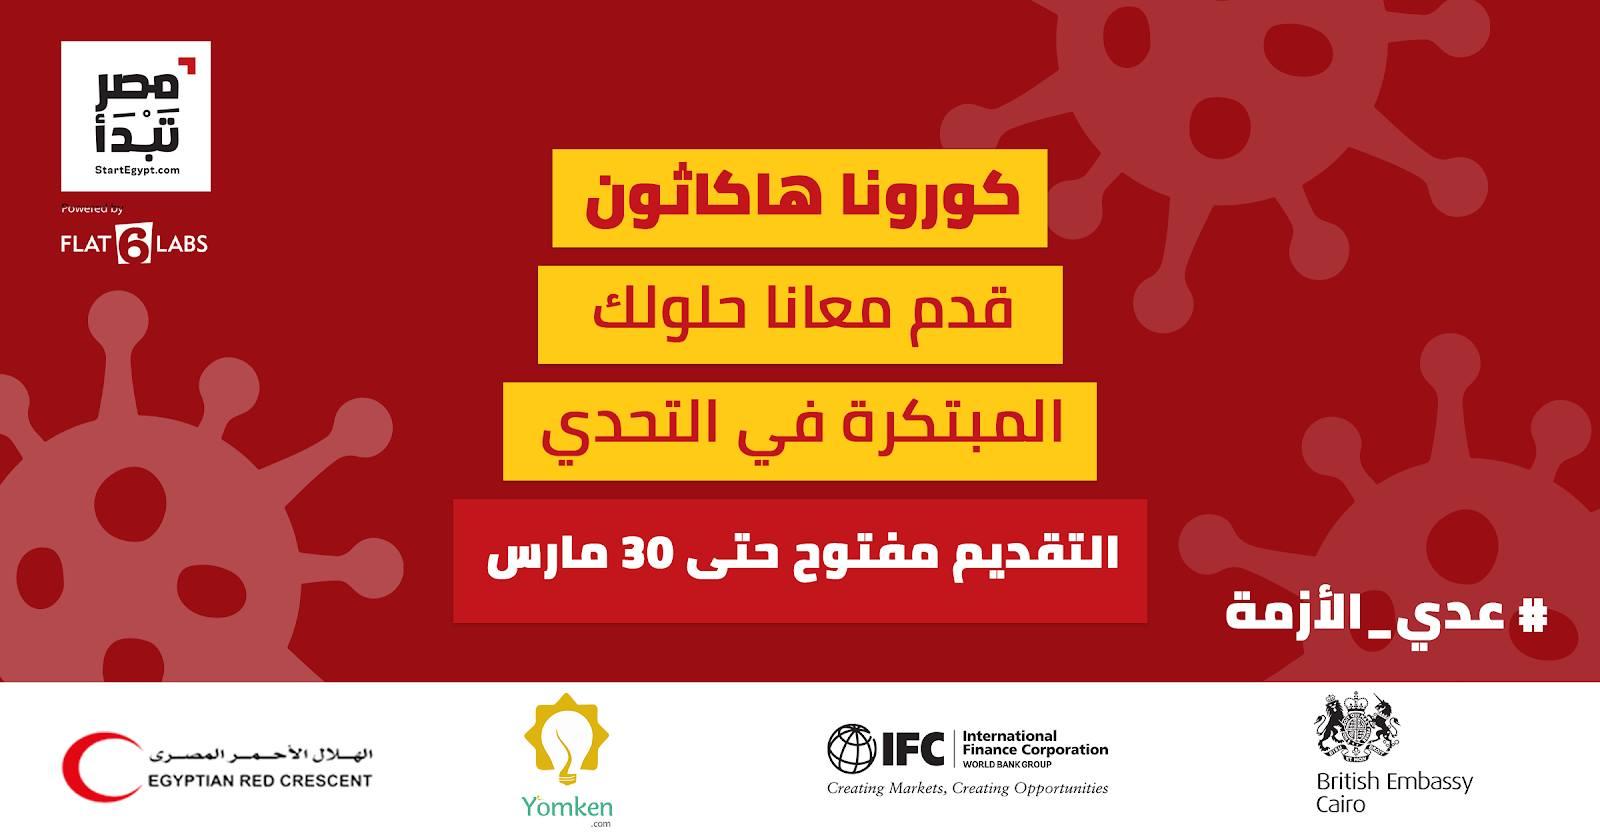 مصر تبدأ تطلق أول هاكاثون أونلاين لمواجهة أزمة فيروس كورونا